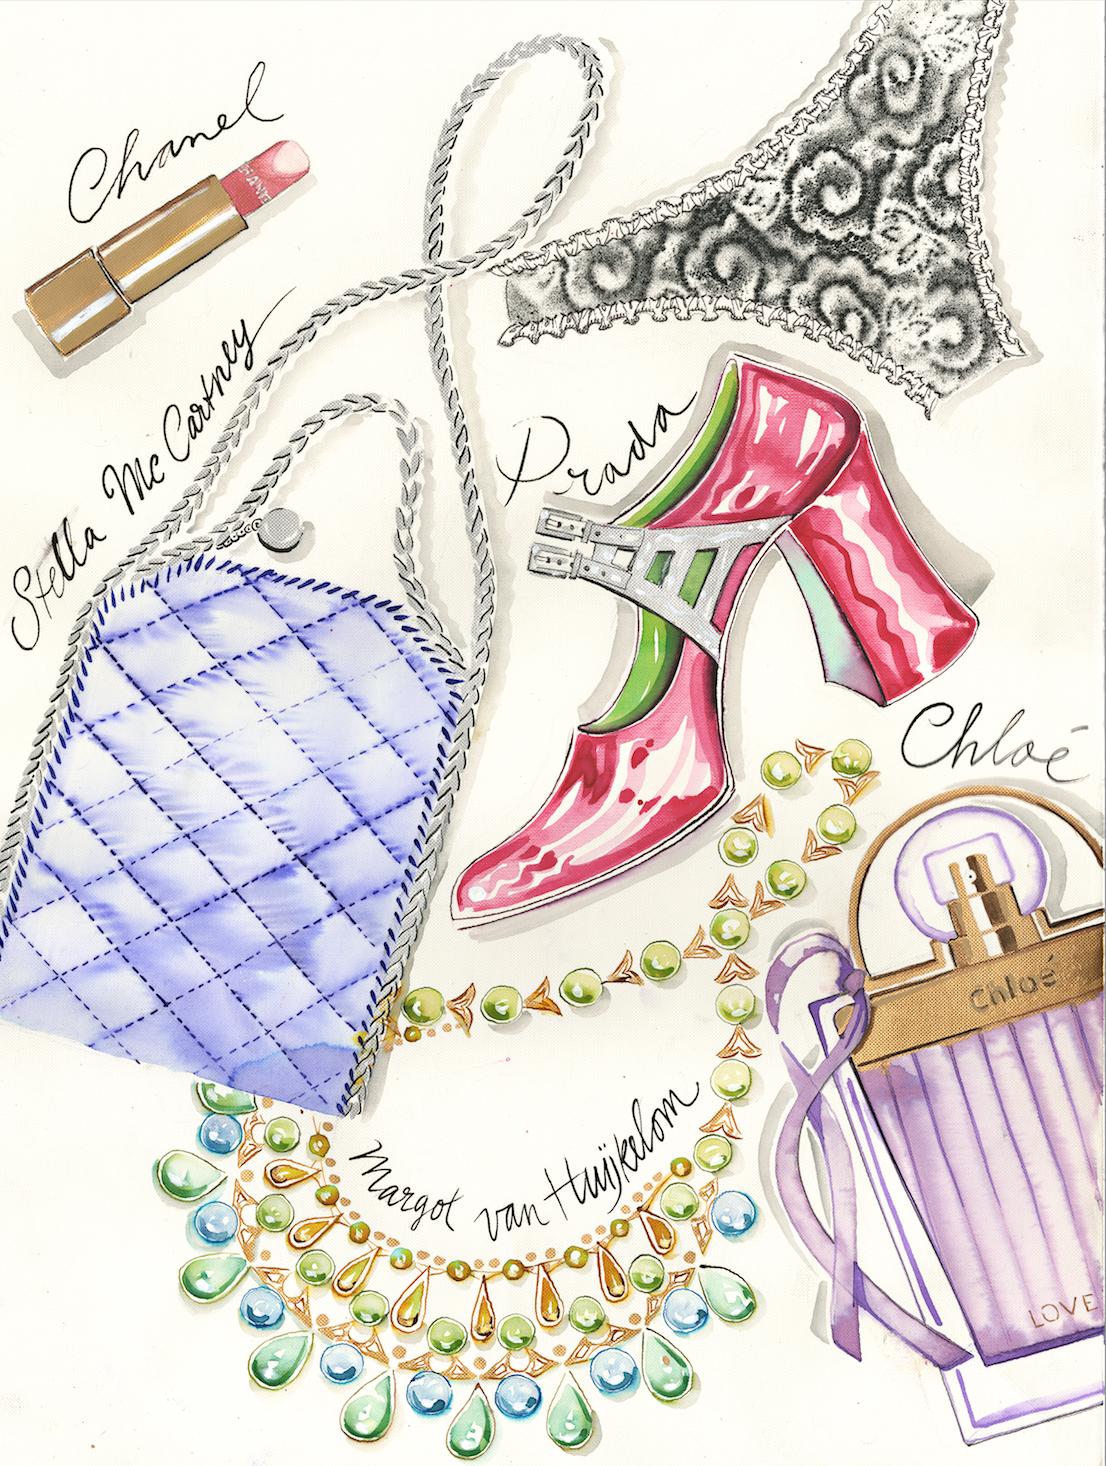 Girl's stuff by Margot Van Huijkelom